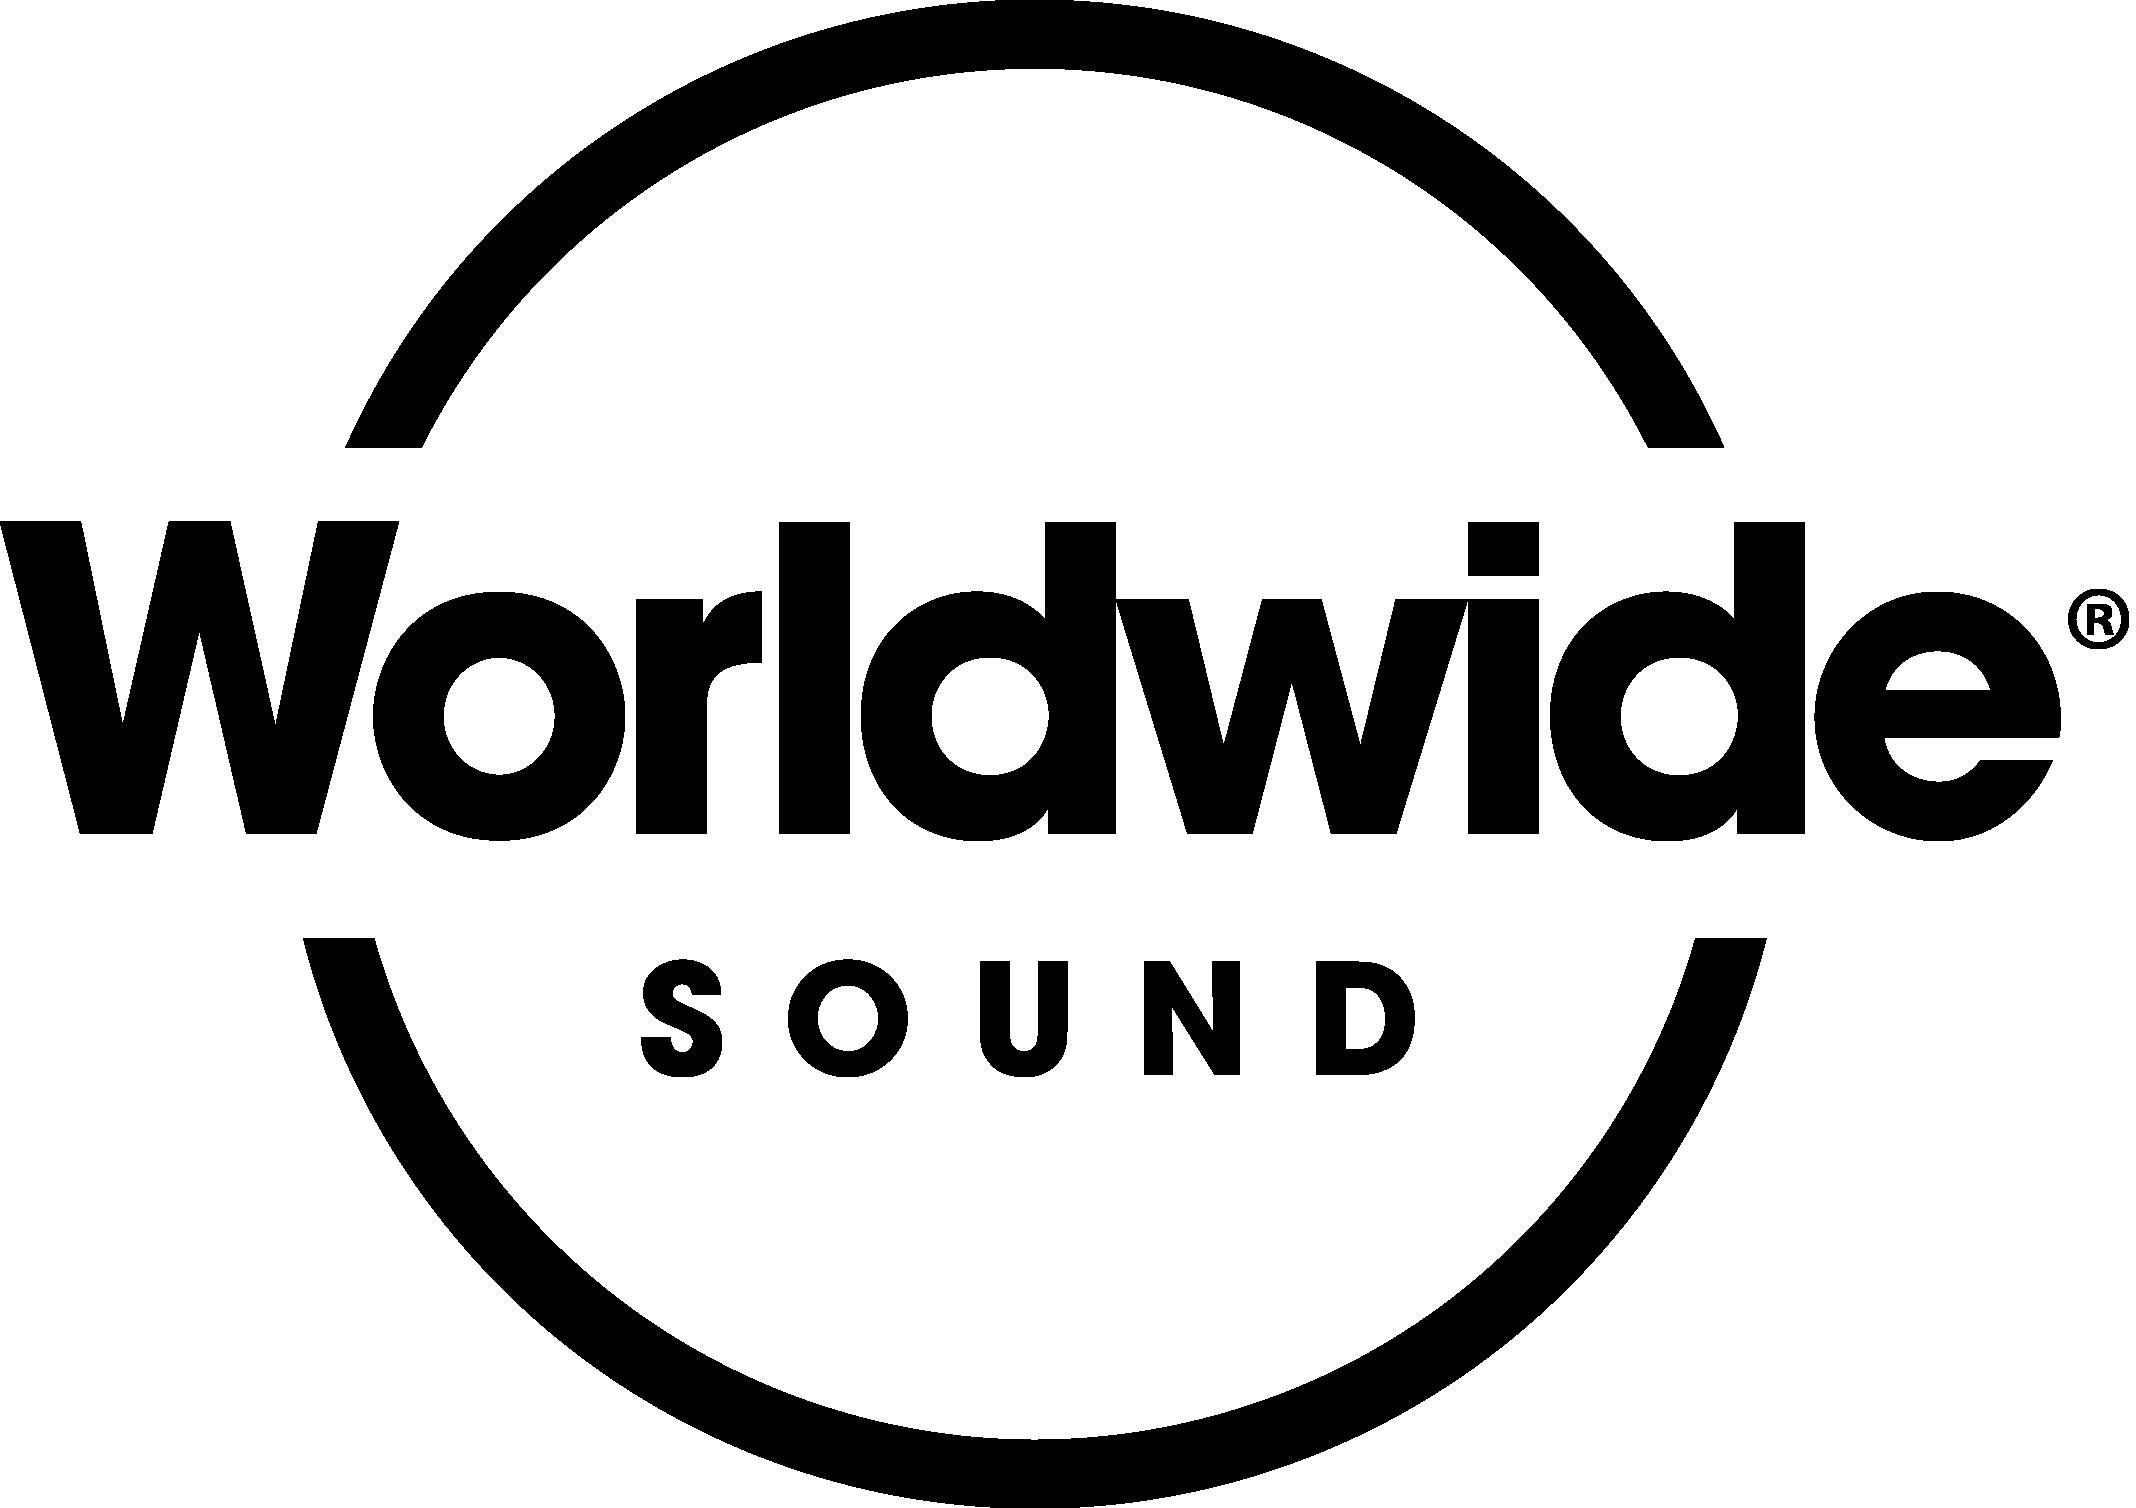 WORLDWIDE SOUND - BLACK